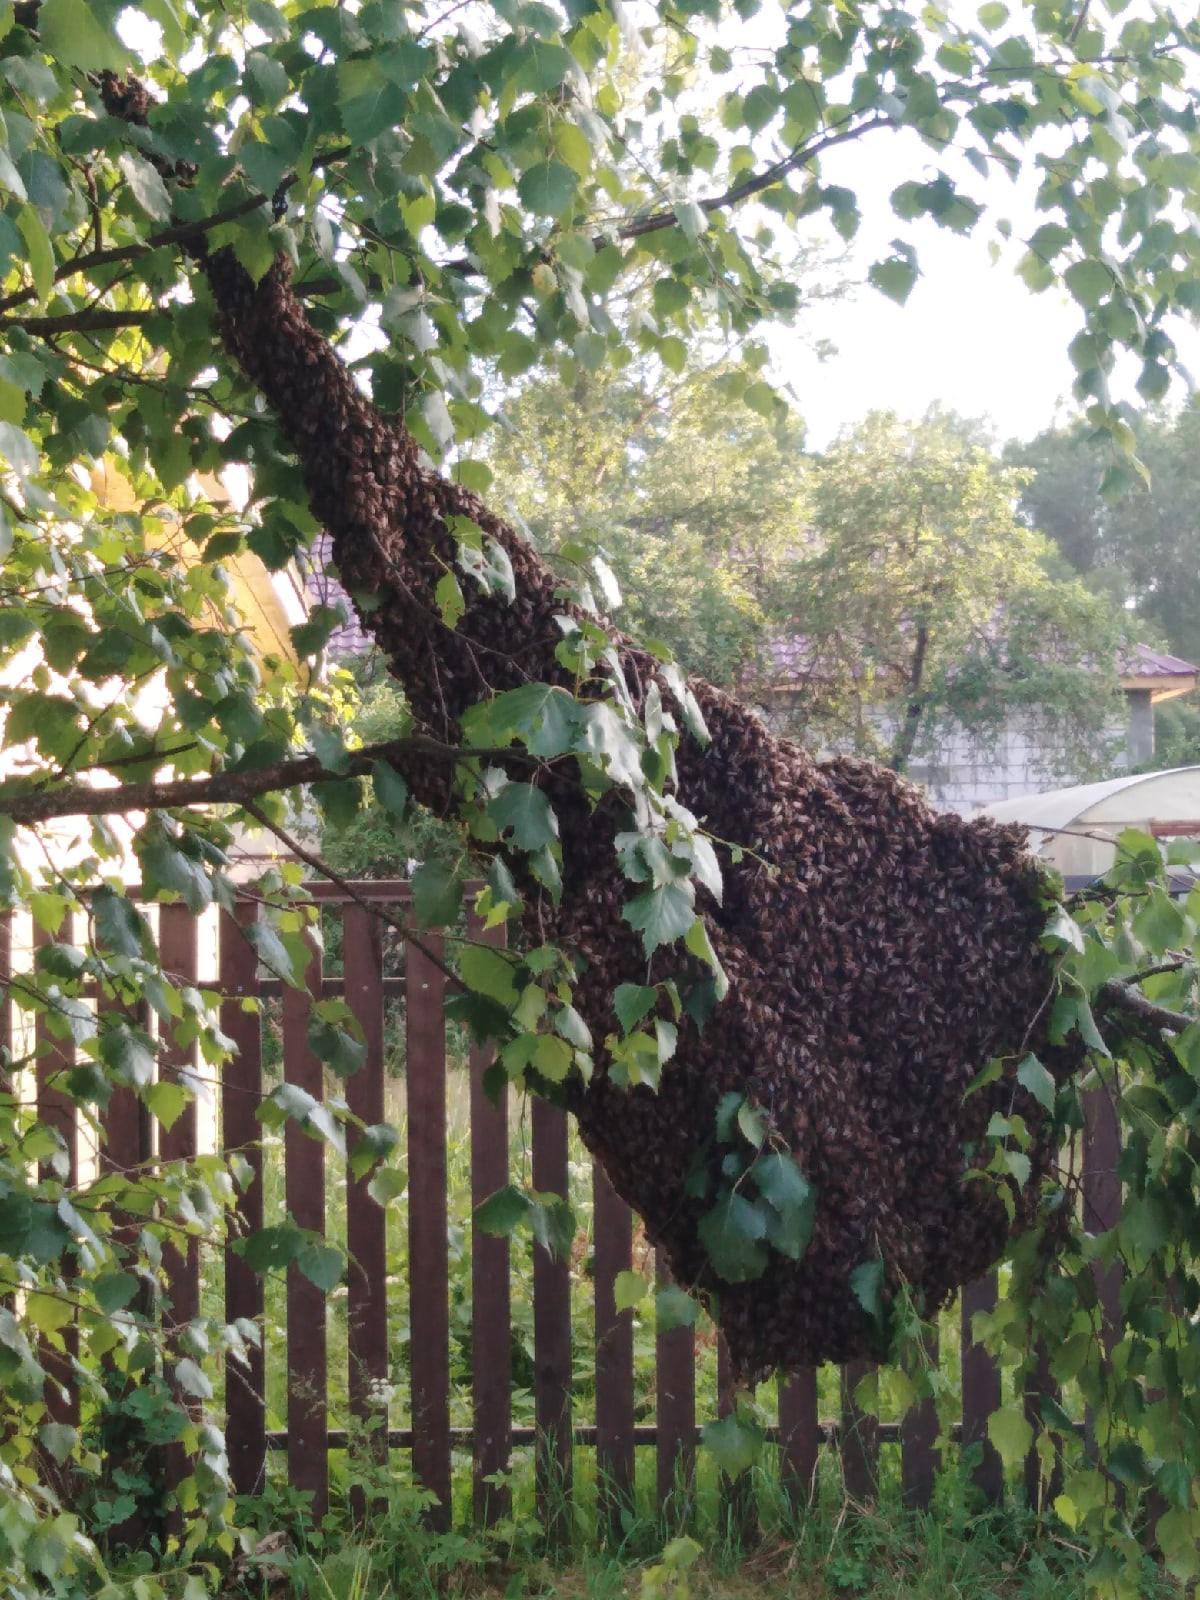 Жители Тверской области испугались гигантского роя насекомых на дереве